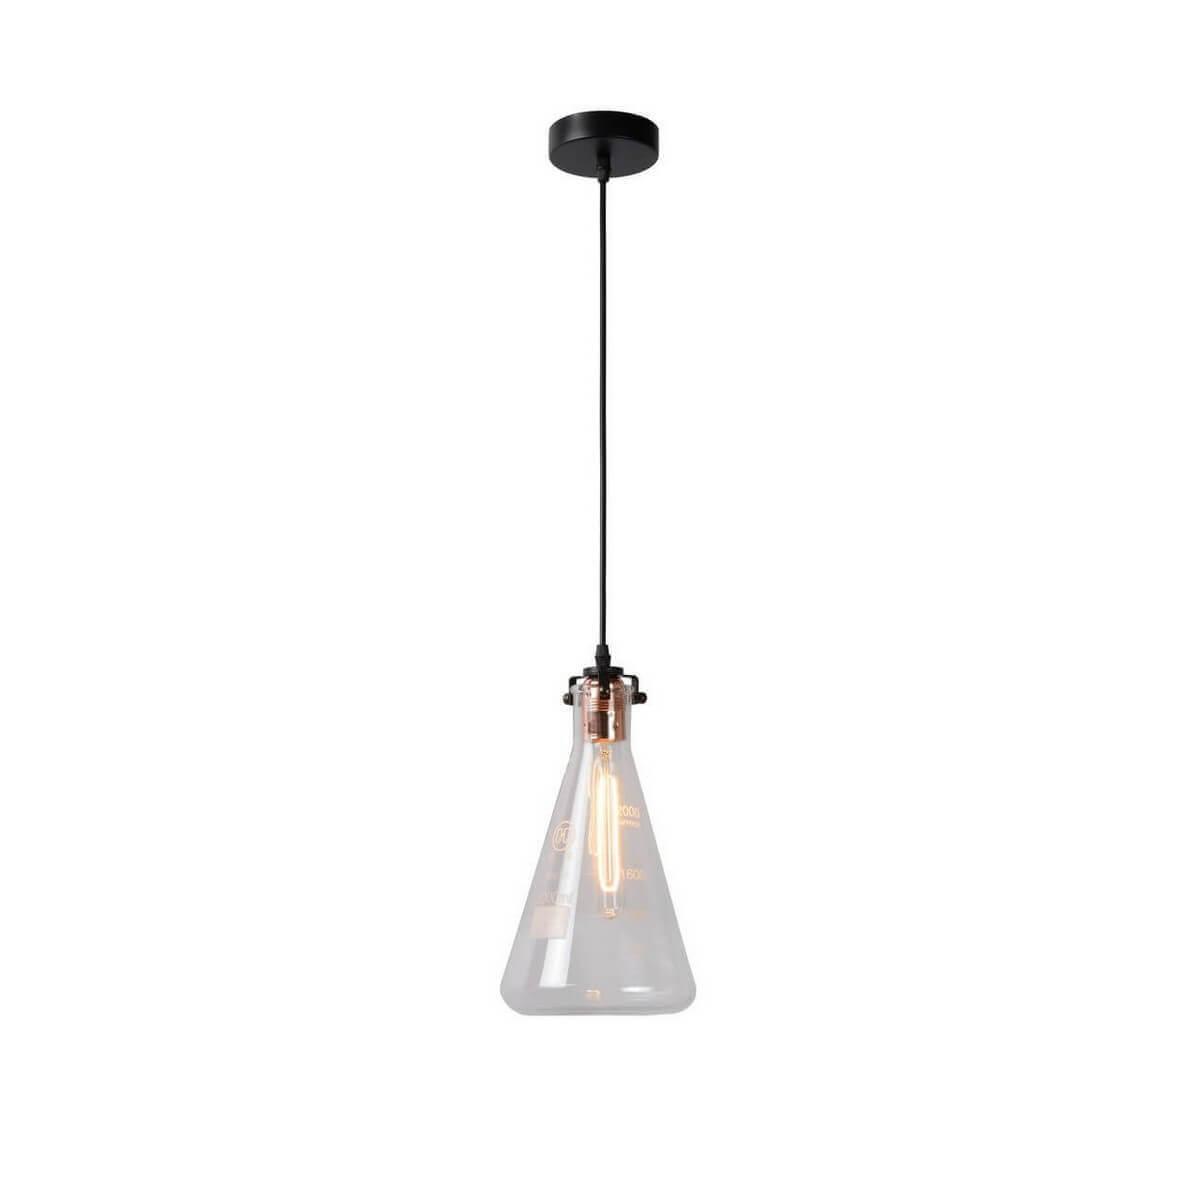 Подвесной светильник Lucide Vitri 08413/01/60 подвесной светильник lucide vitri 08413 01 60